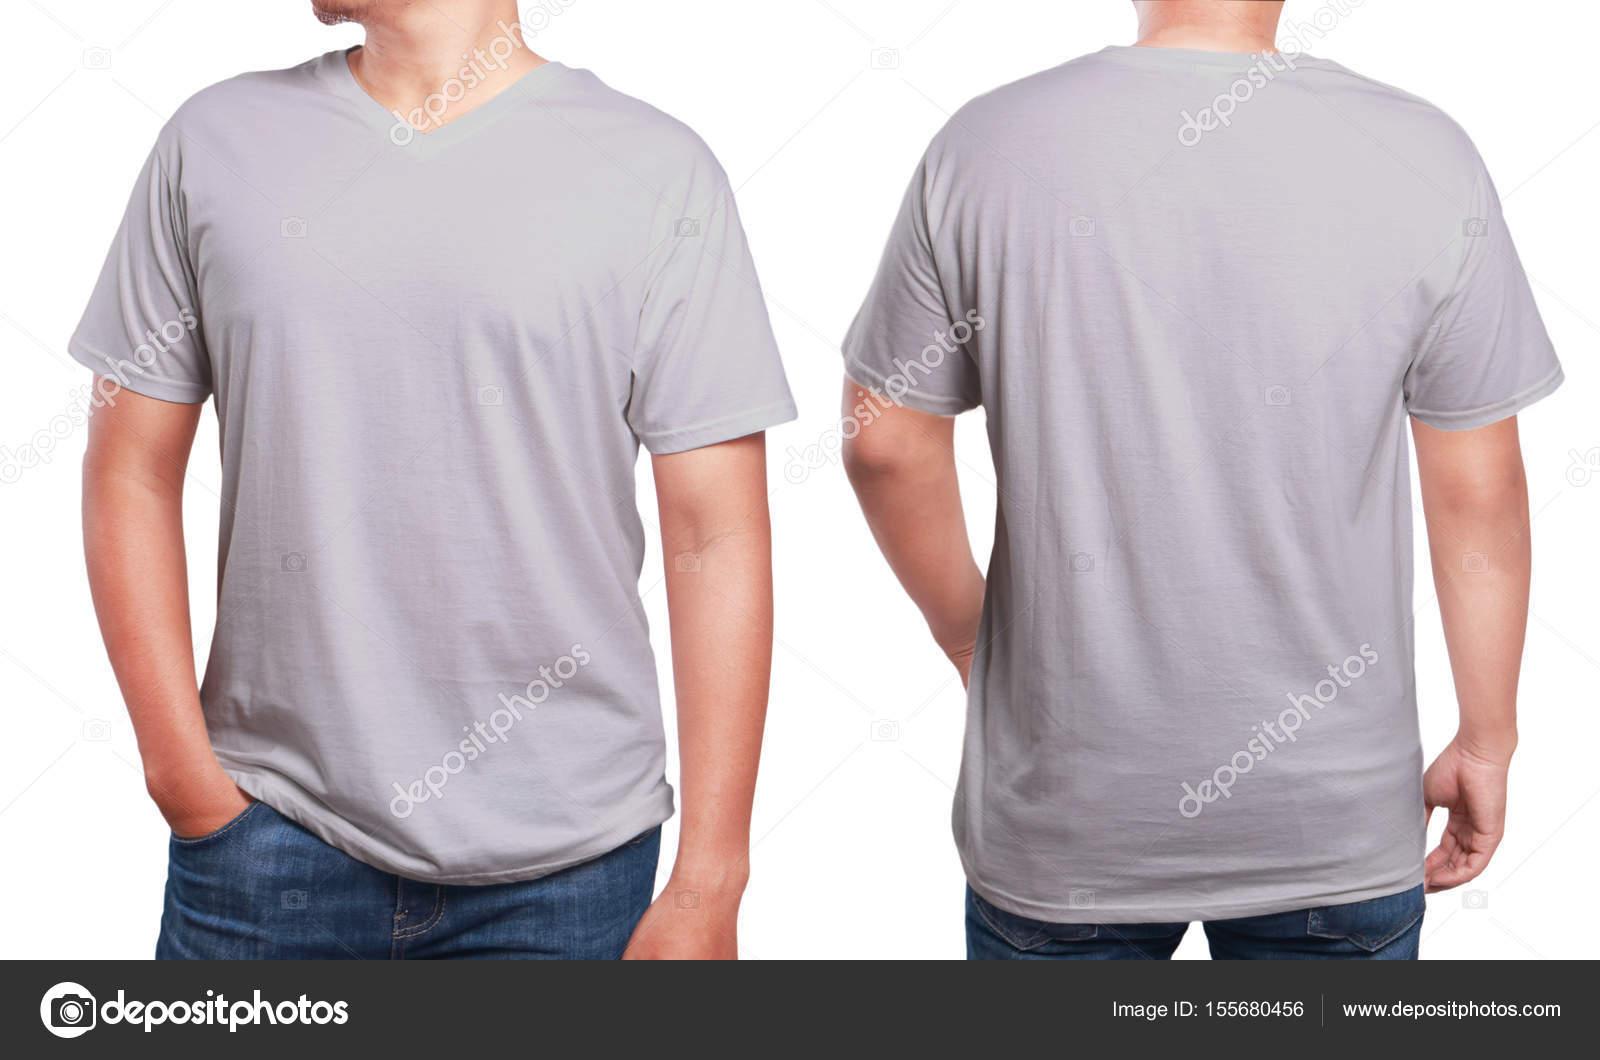 Grau V-Ausschnitt t-shirt-Design-Vorlage — Stockfoto © airdone ...